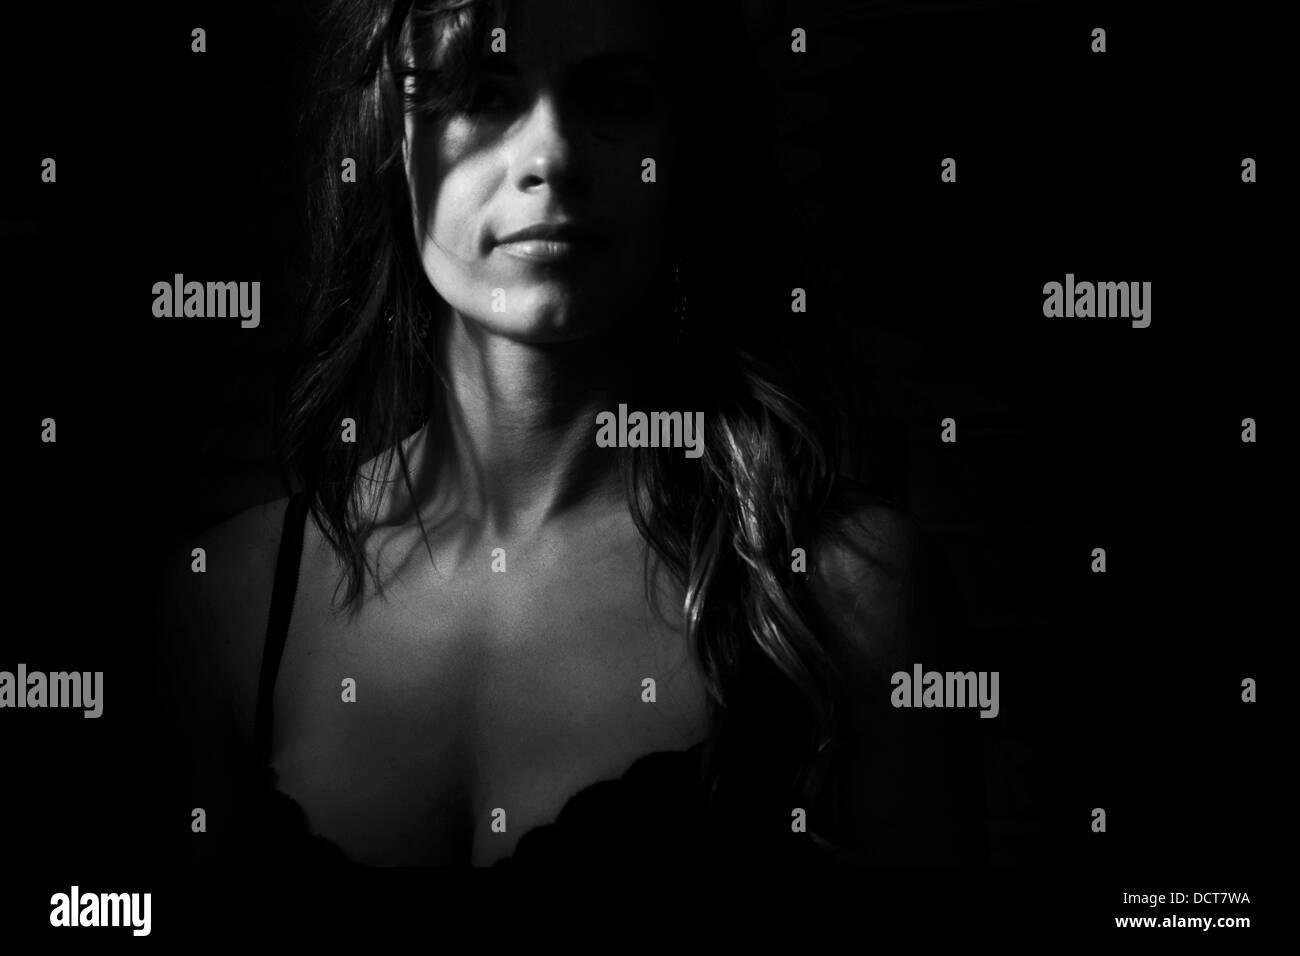 Noir et blanc portrait mystérieux de woman Photo Stock